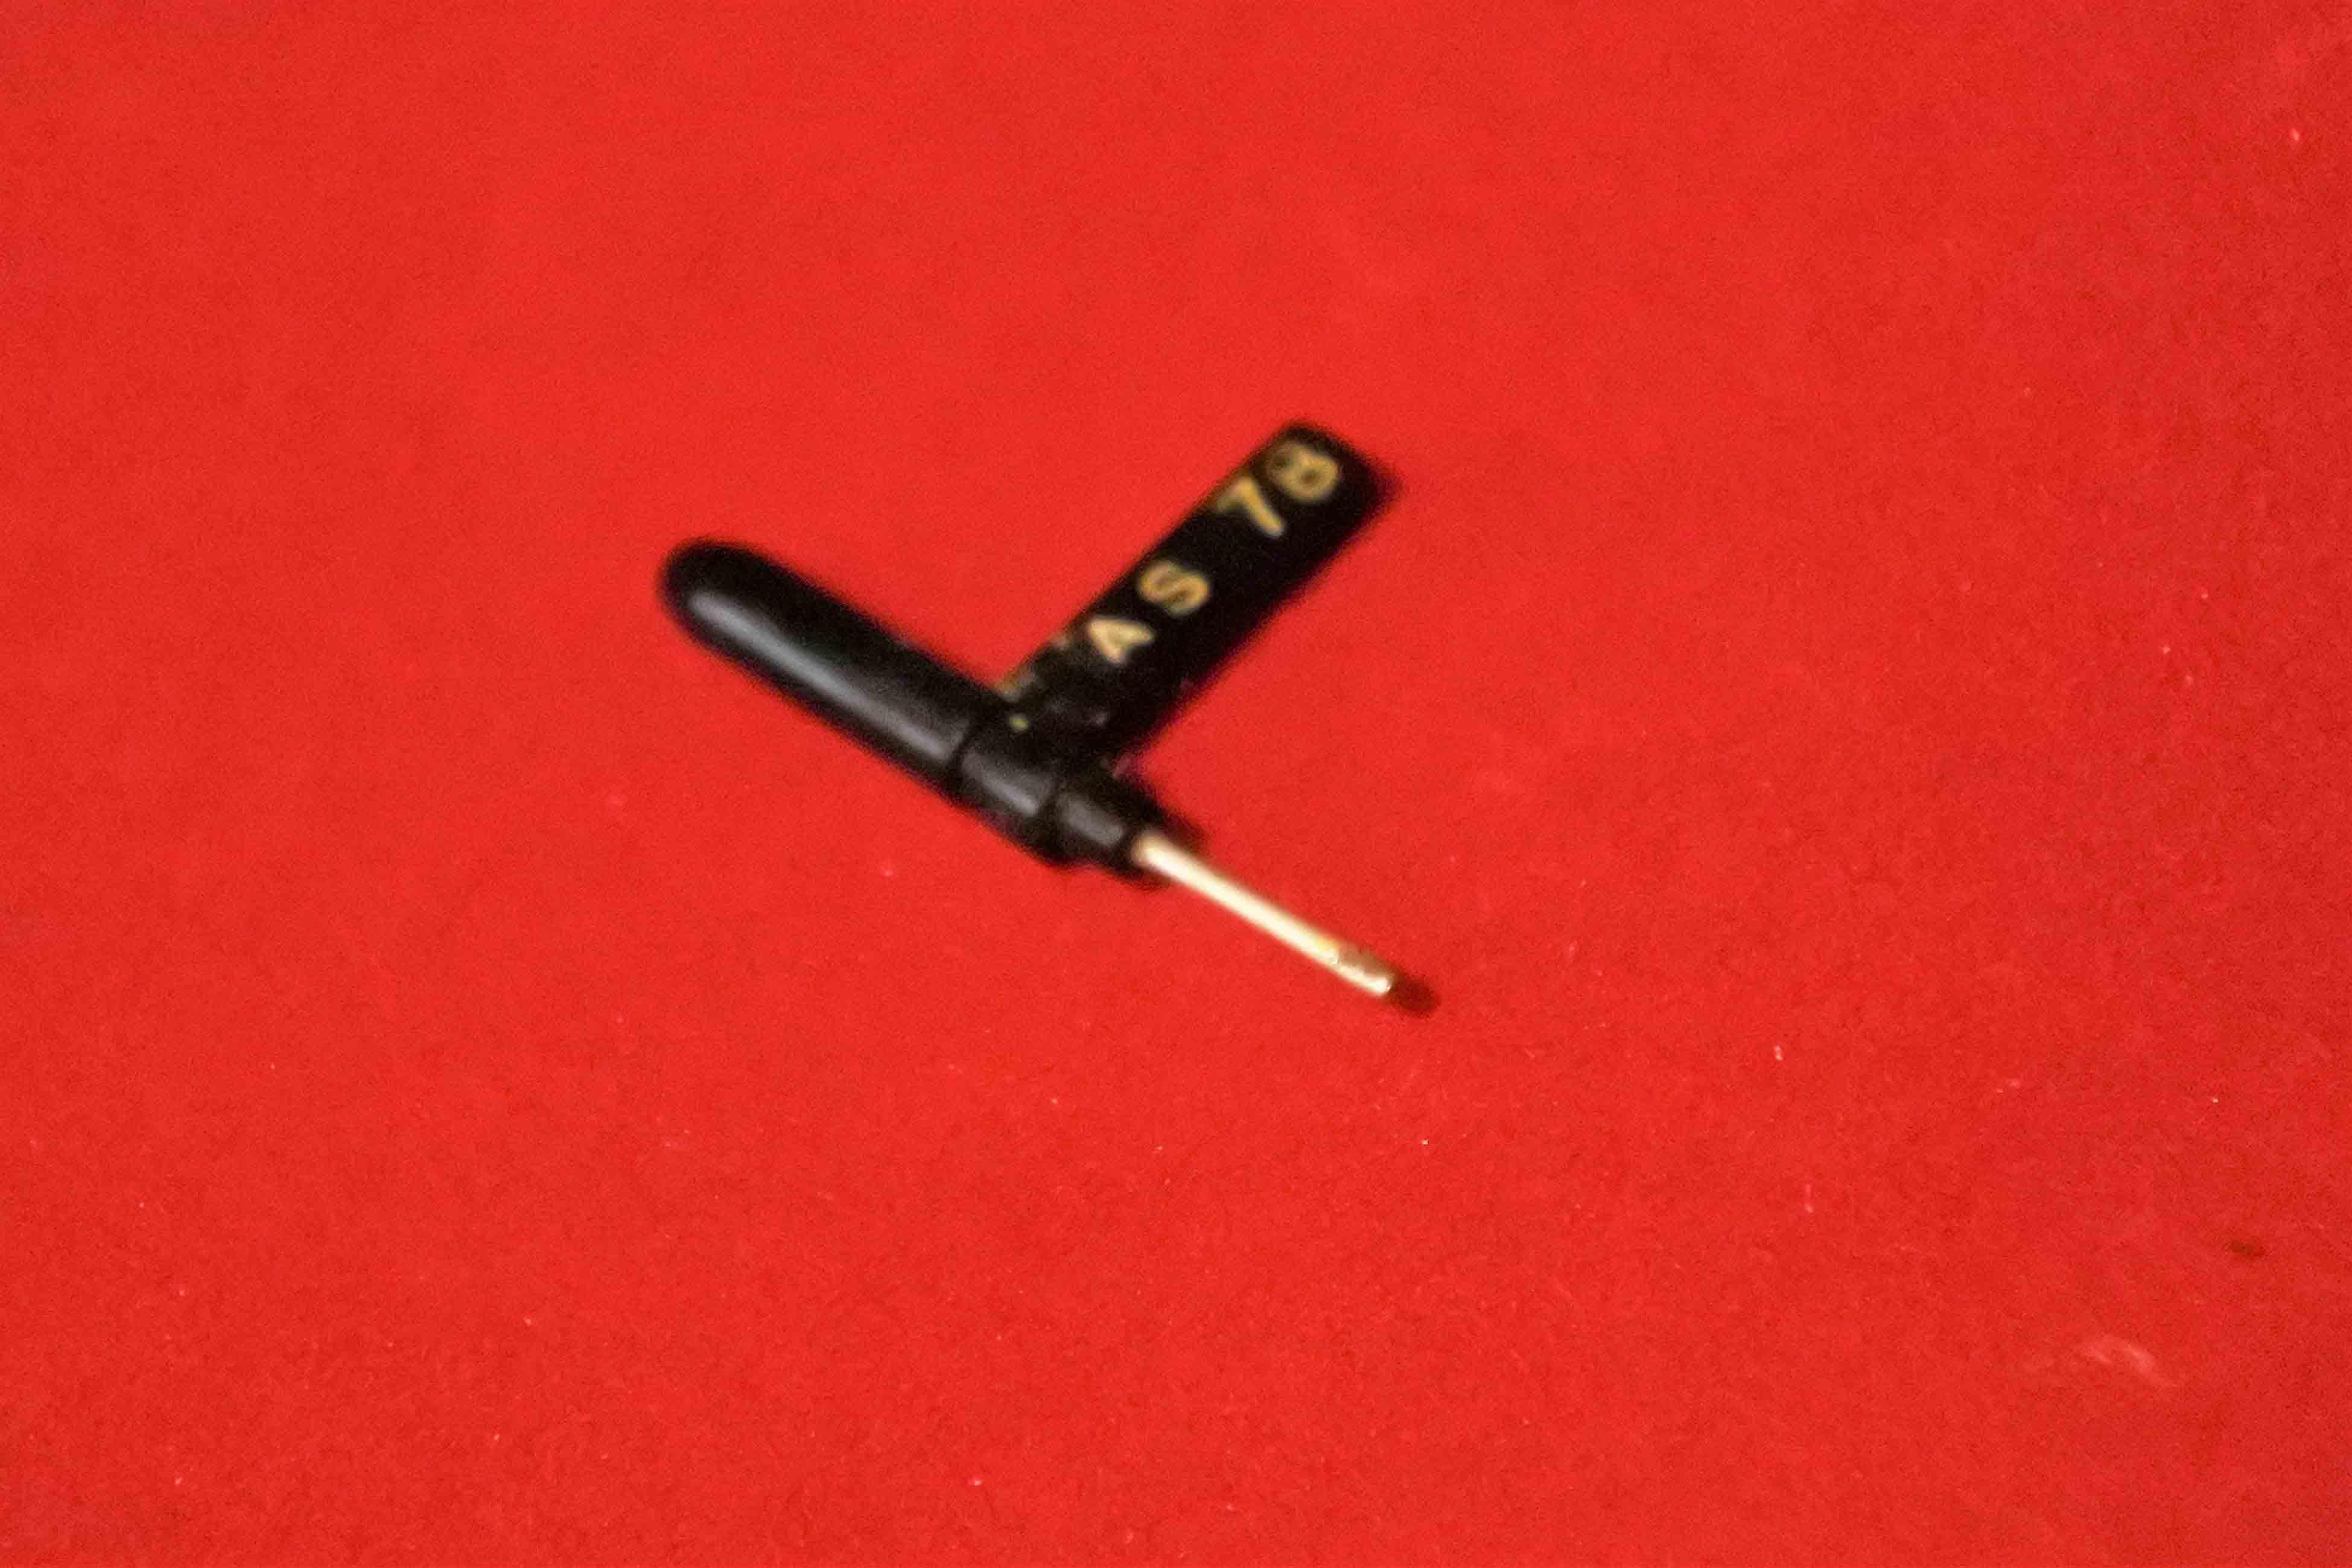 Sonotone 3509 Lp 78 Stylus Needle Gettheneedle Co Uk